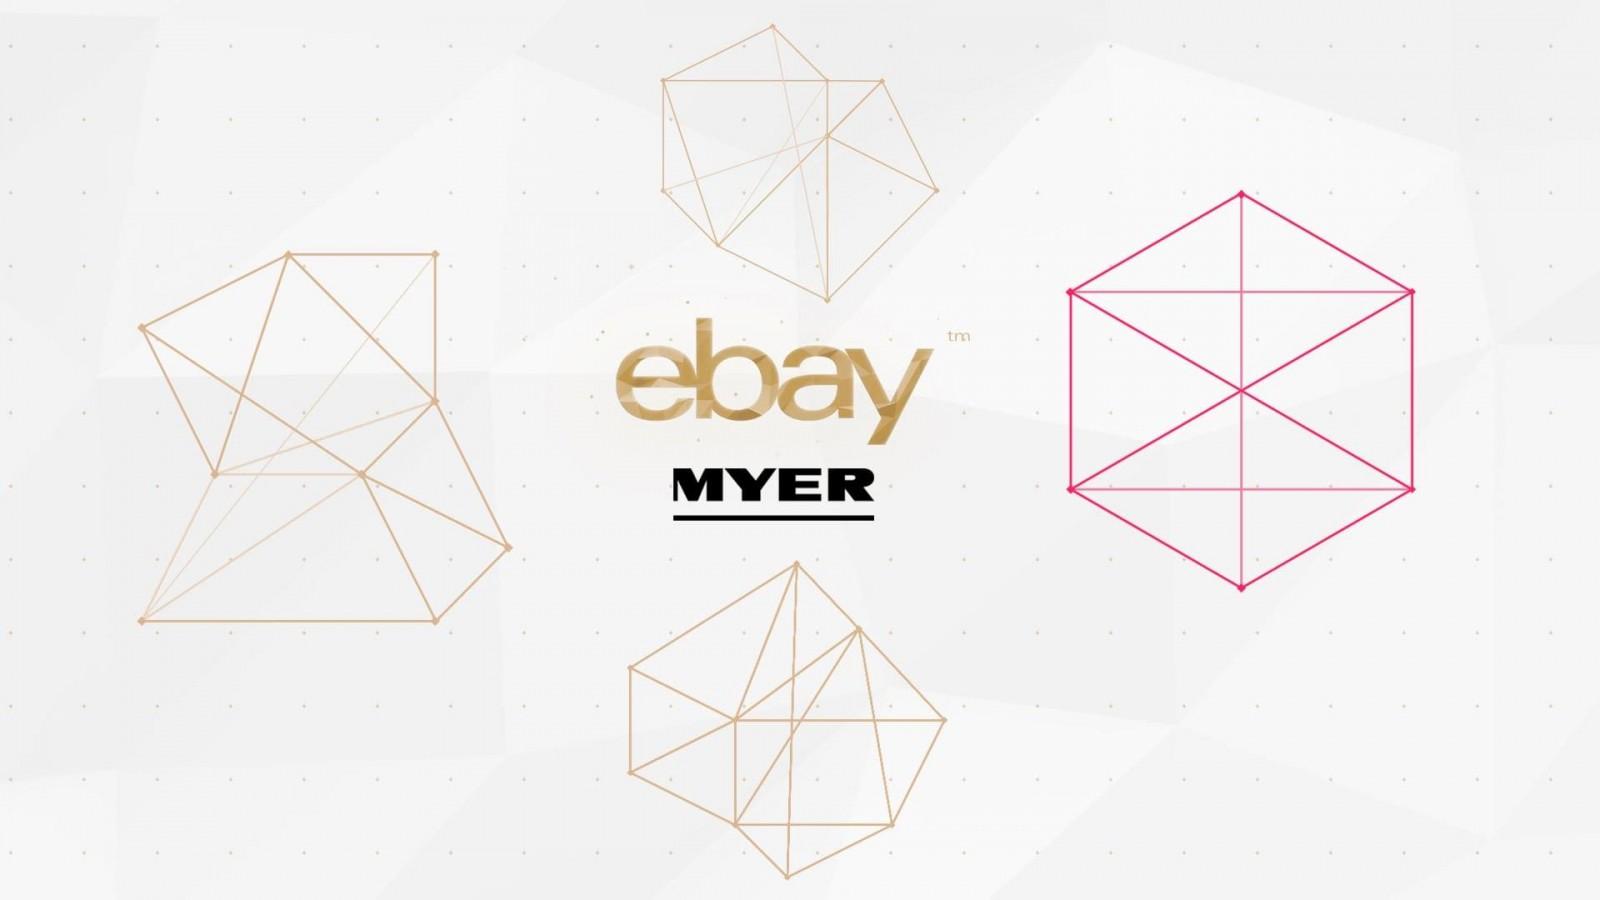 Ebay и Myer организовали магазин виртуальной реальности